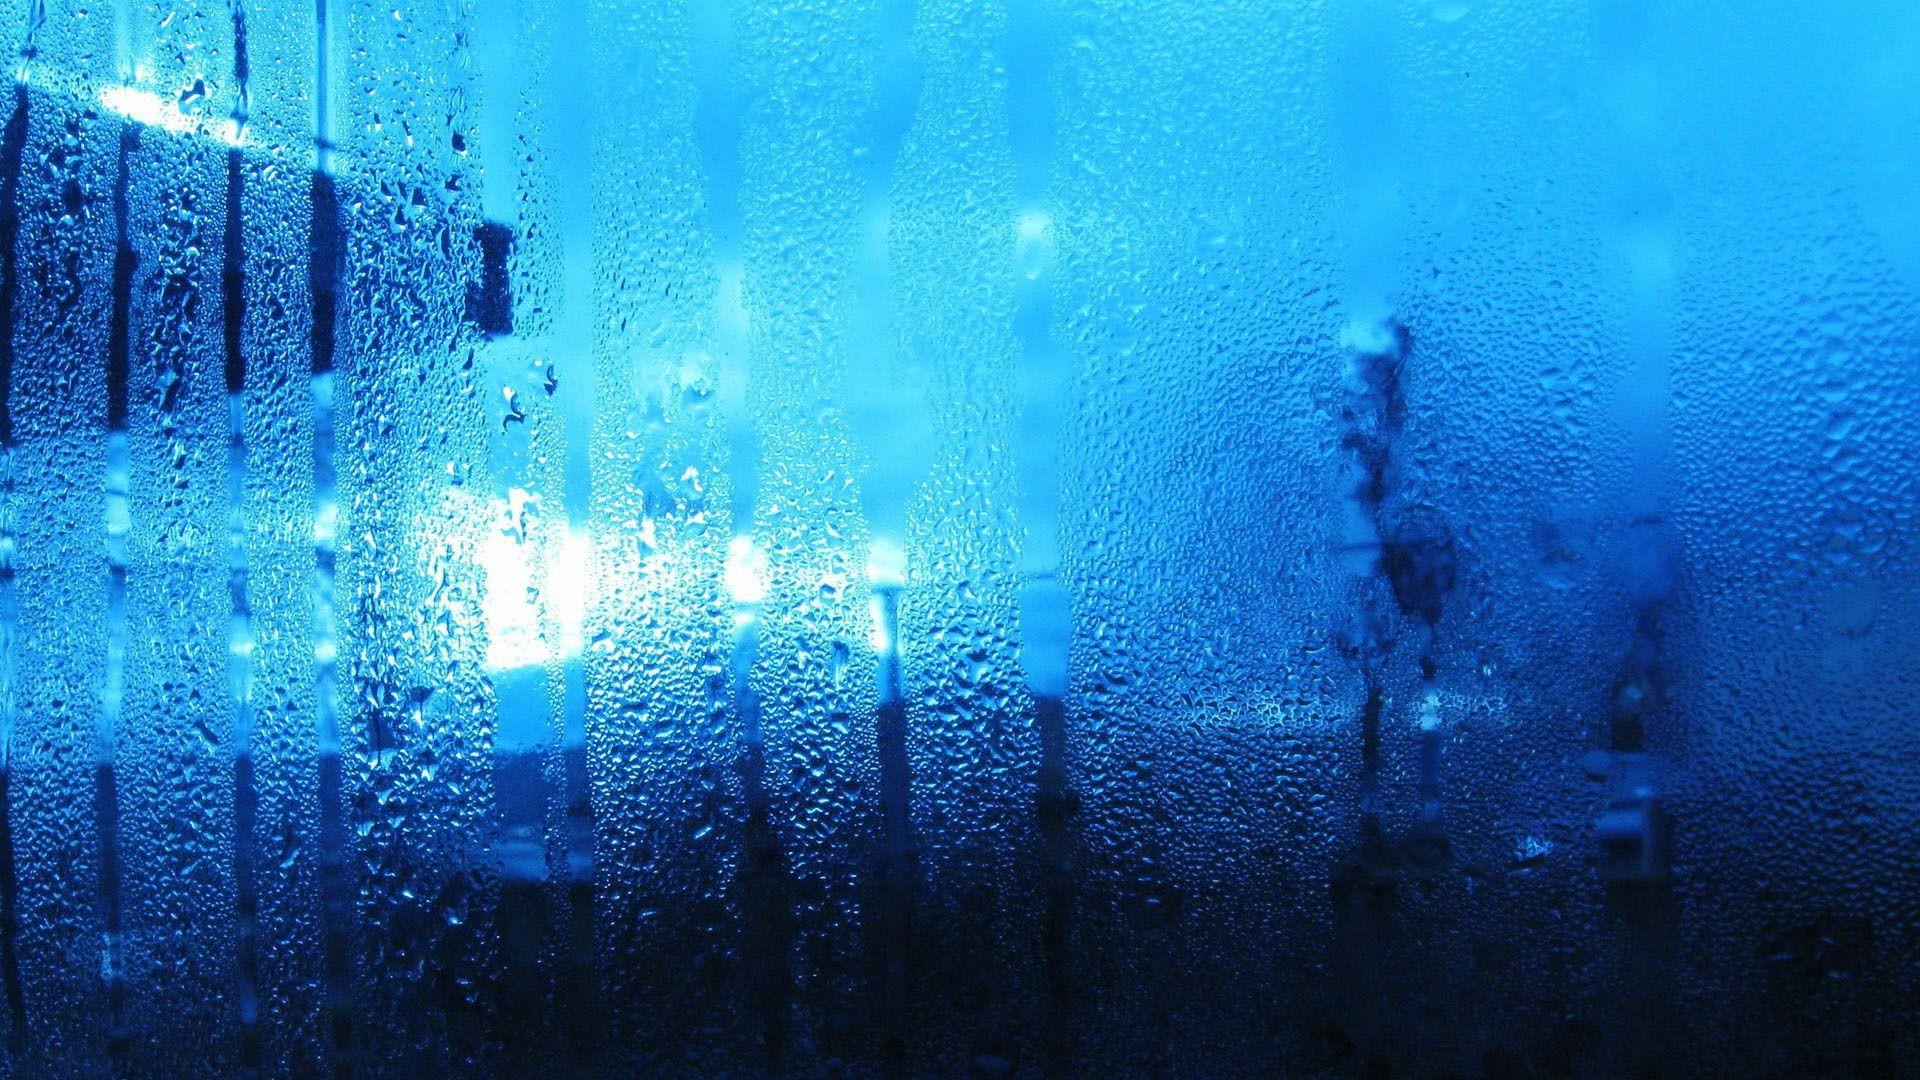 картинки на телефон пузырьки на стекле сегодня мужем